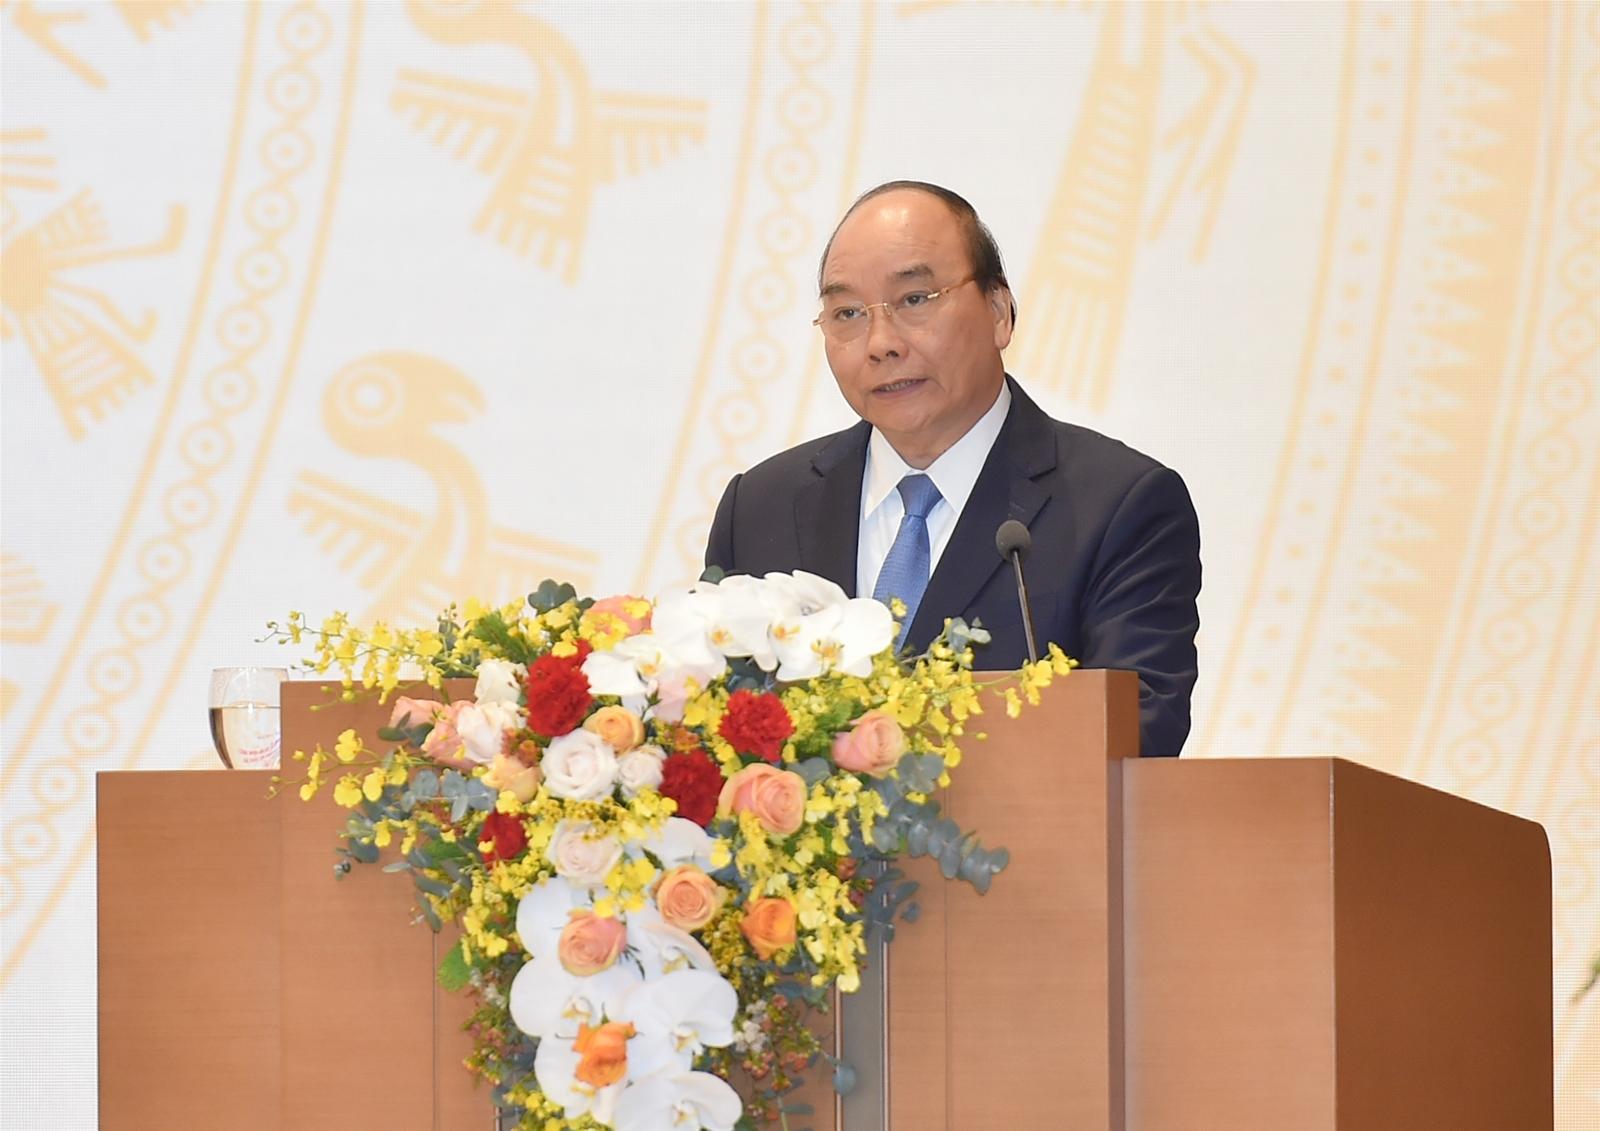 Thủ tướng Nguyễn Xuân Phúc phát biểu kết luận Hội nghị. (Nguồn ảnh: Quang Hiếu - Báo Chính phủ)